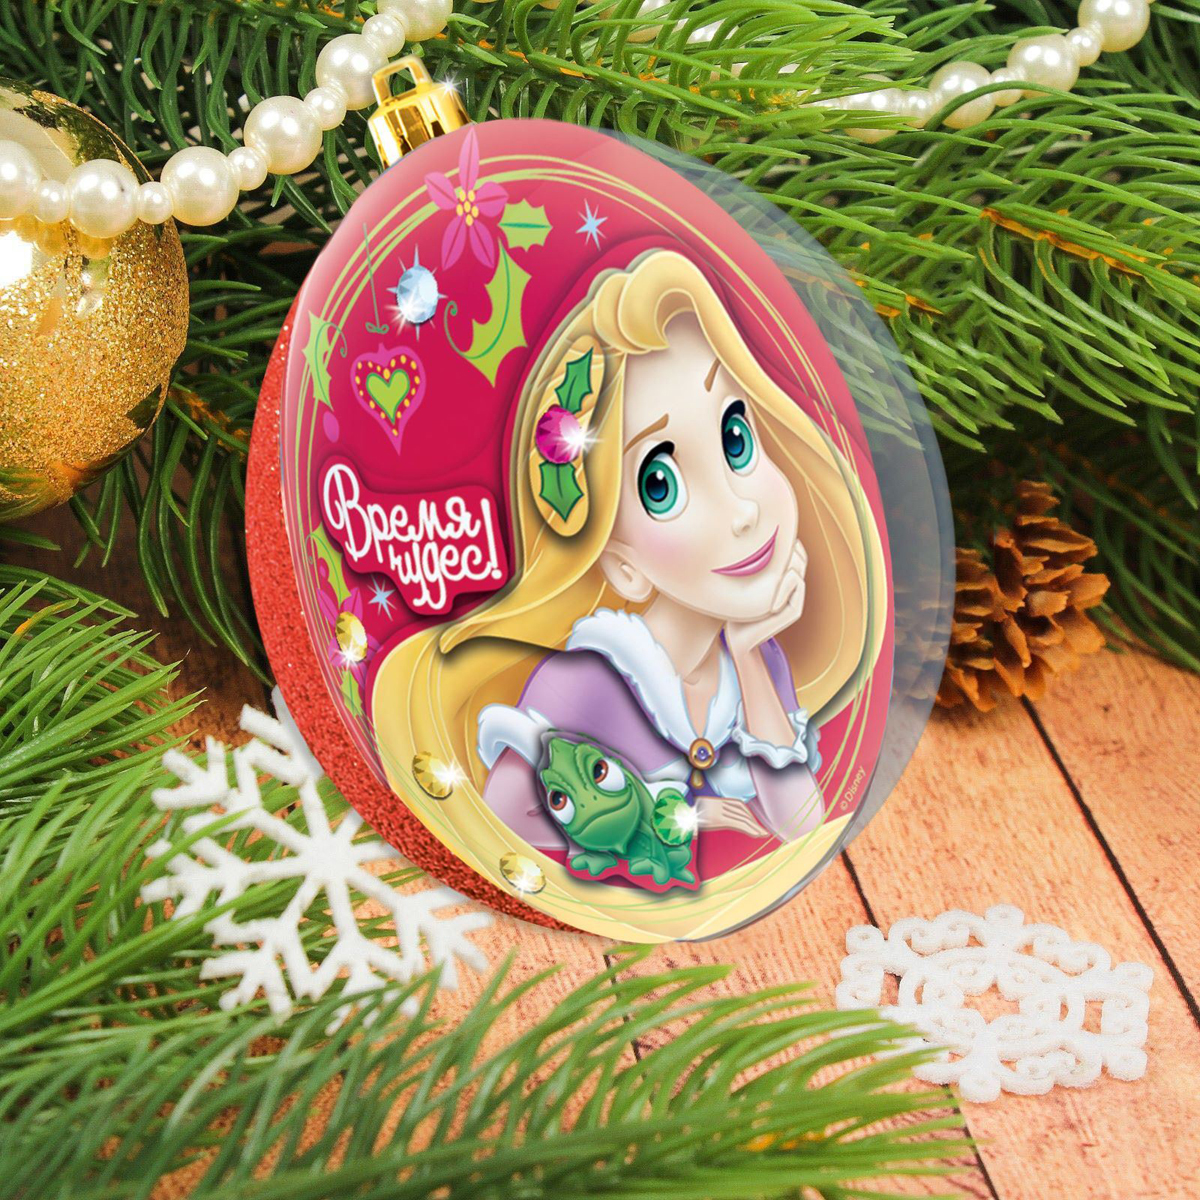 Новогоднее подвесное украшение Disney Время чудес. Рапунцель, с аппликацией, 12,9 х 10,2 х 3,5 см1394726Новогоднее подвесное украшение Disney Время чудес. Рапунцель в виде шара необходимо создать собственными руками.Новогодние украшения несут в себе волшебство и красоту праздника. Создайте в своем доме атмосферу тепла, веселья и радости, украшая его всей семьей.